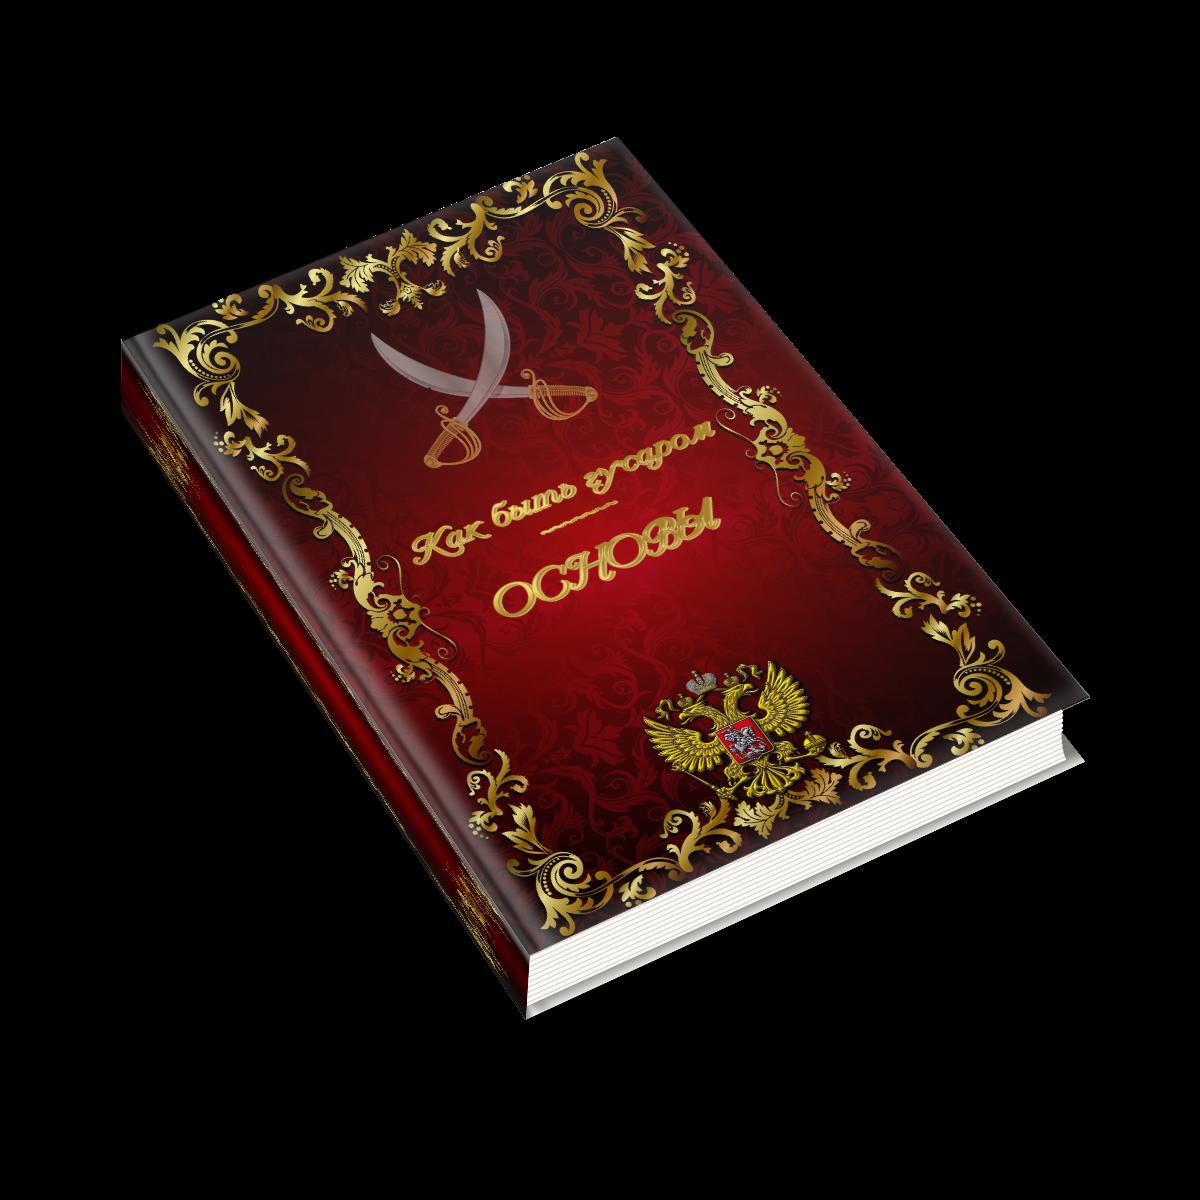 Обложка книги  фото f_1245fb50e870aa68.png